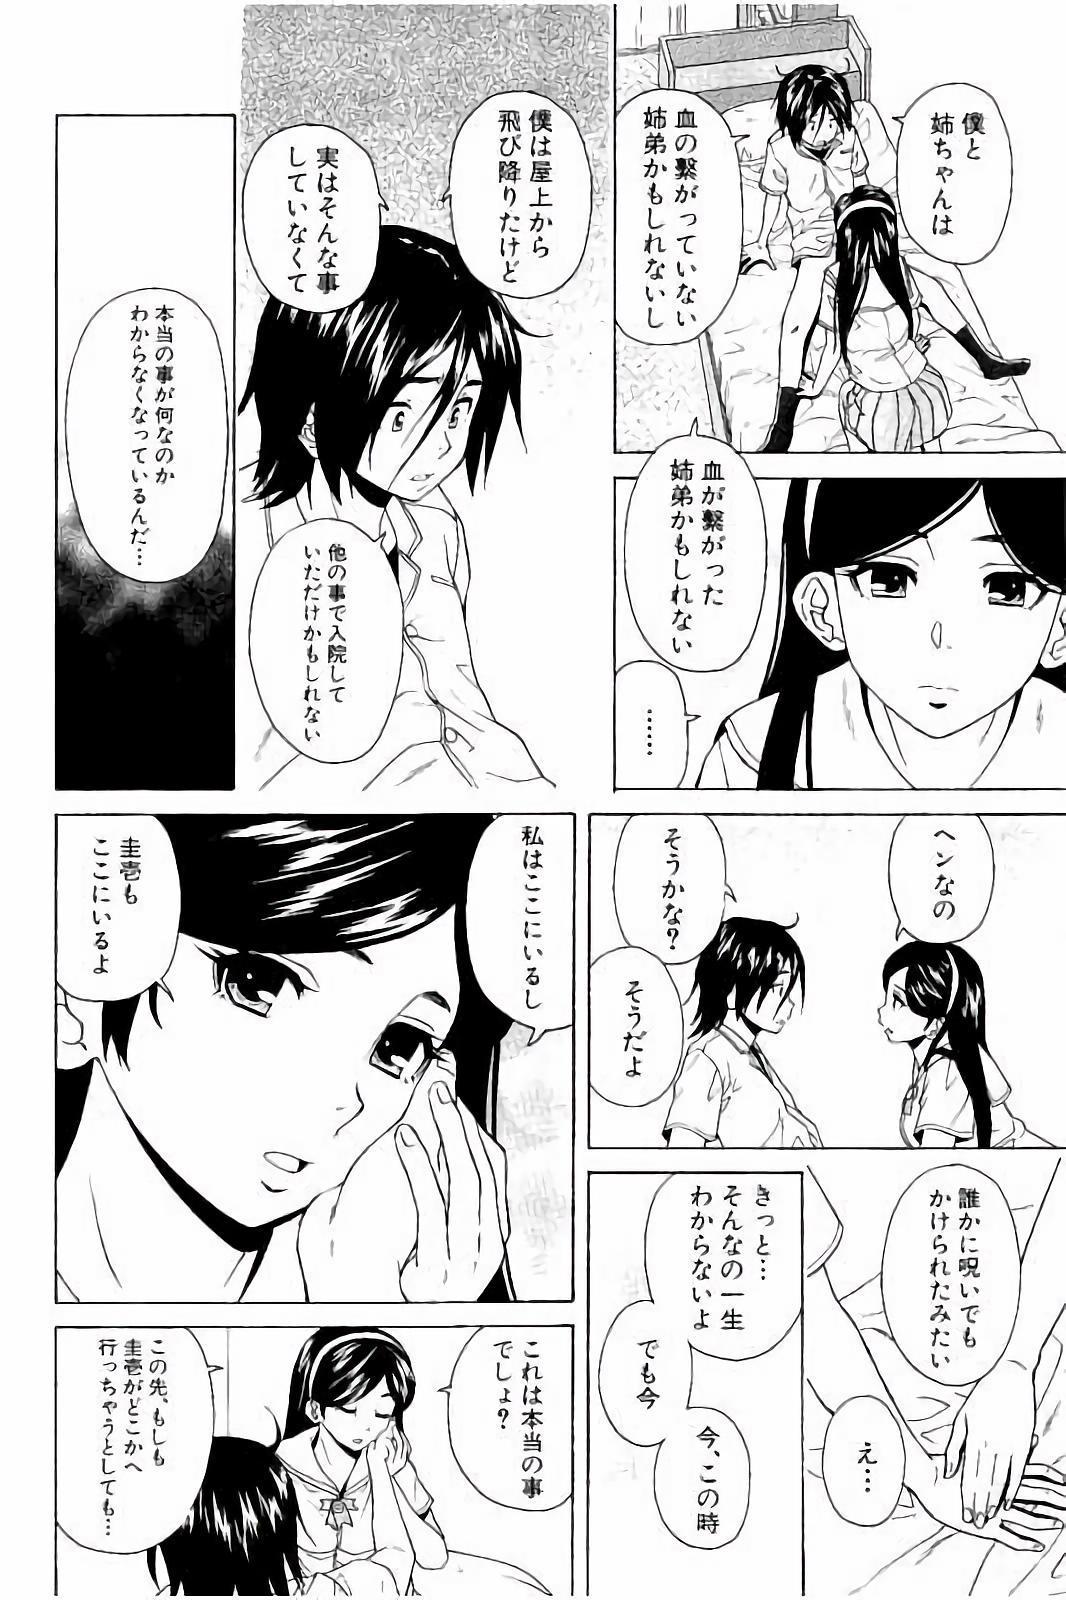 Ane no Himitsu To Boku no Jisatsu 177